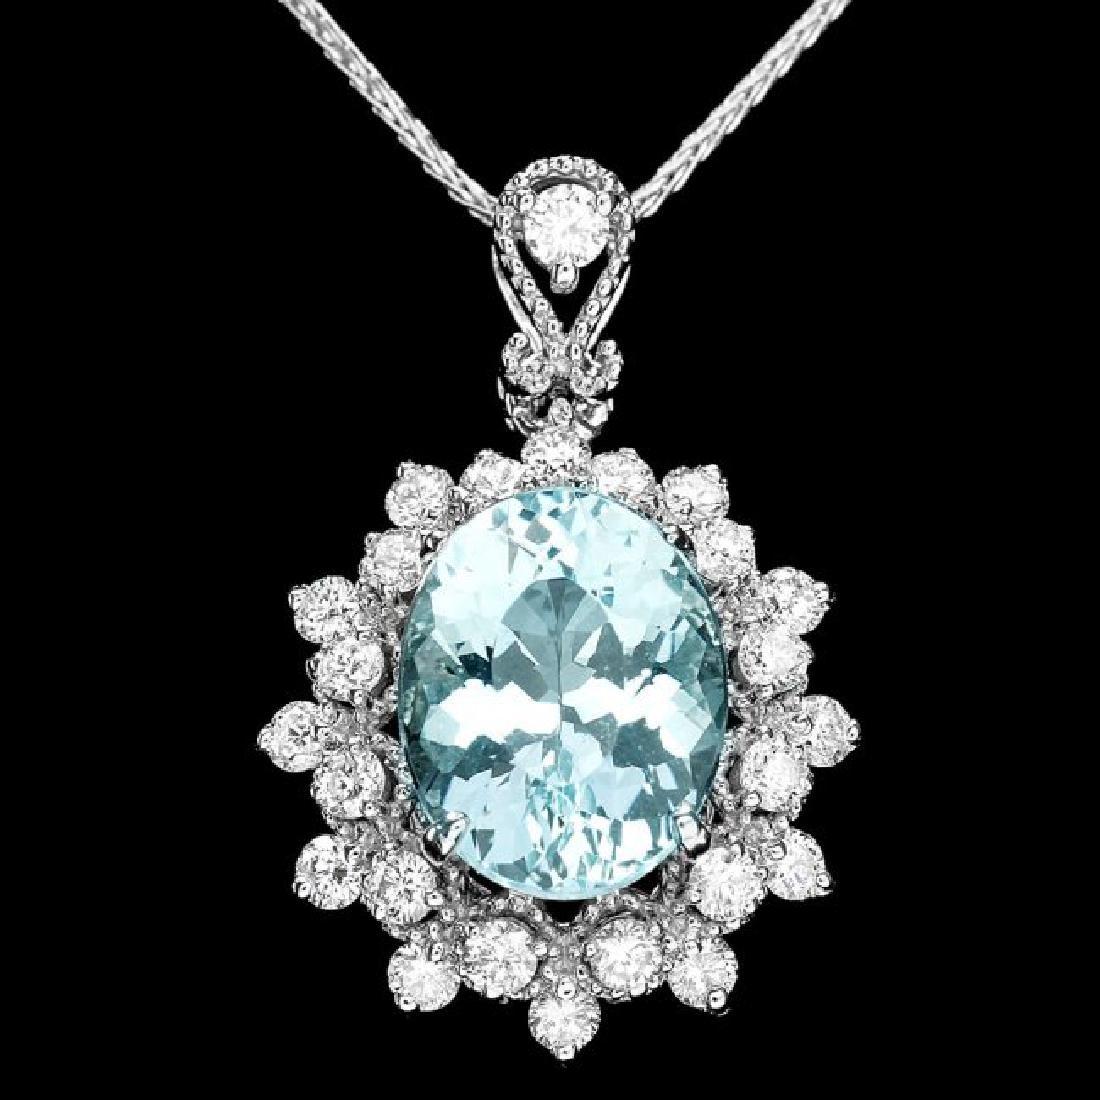 14k Gold 2.8ct Aquamarine .70ct Diamond Pendant